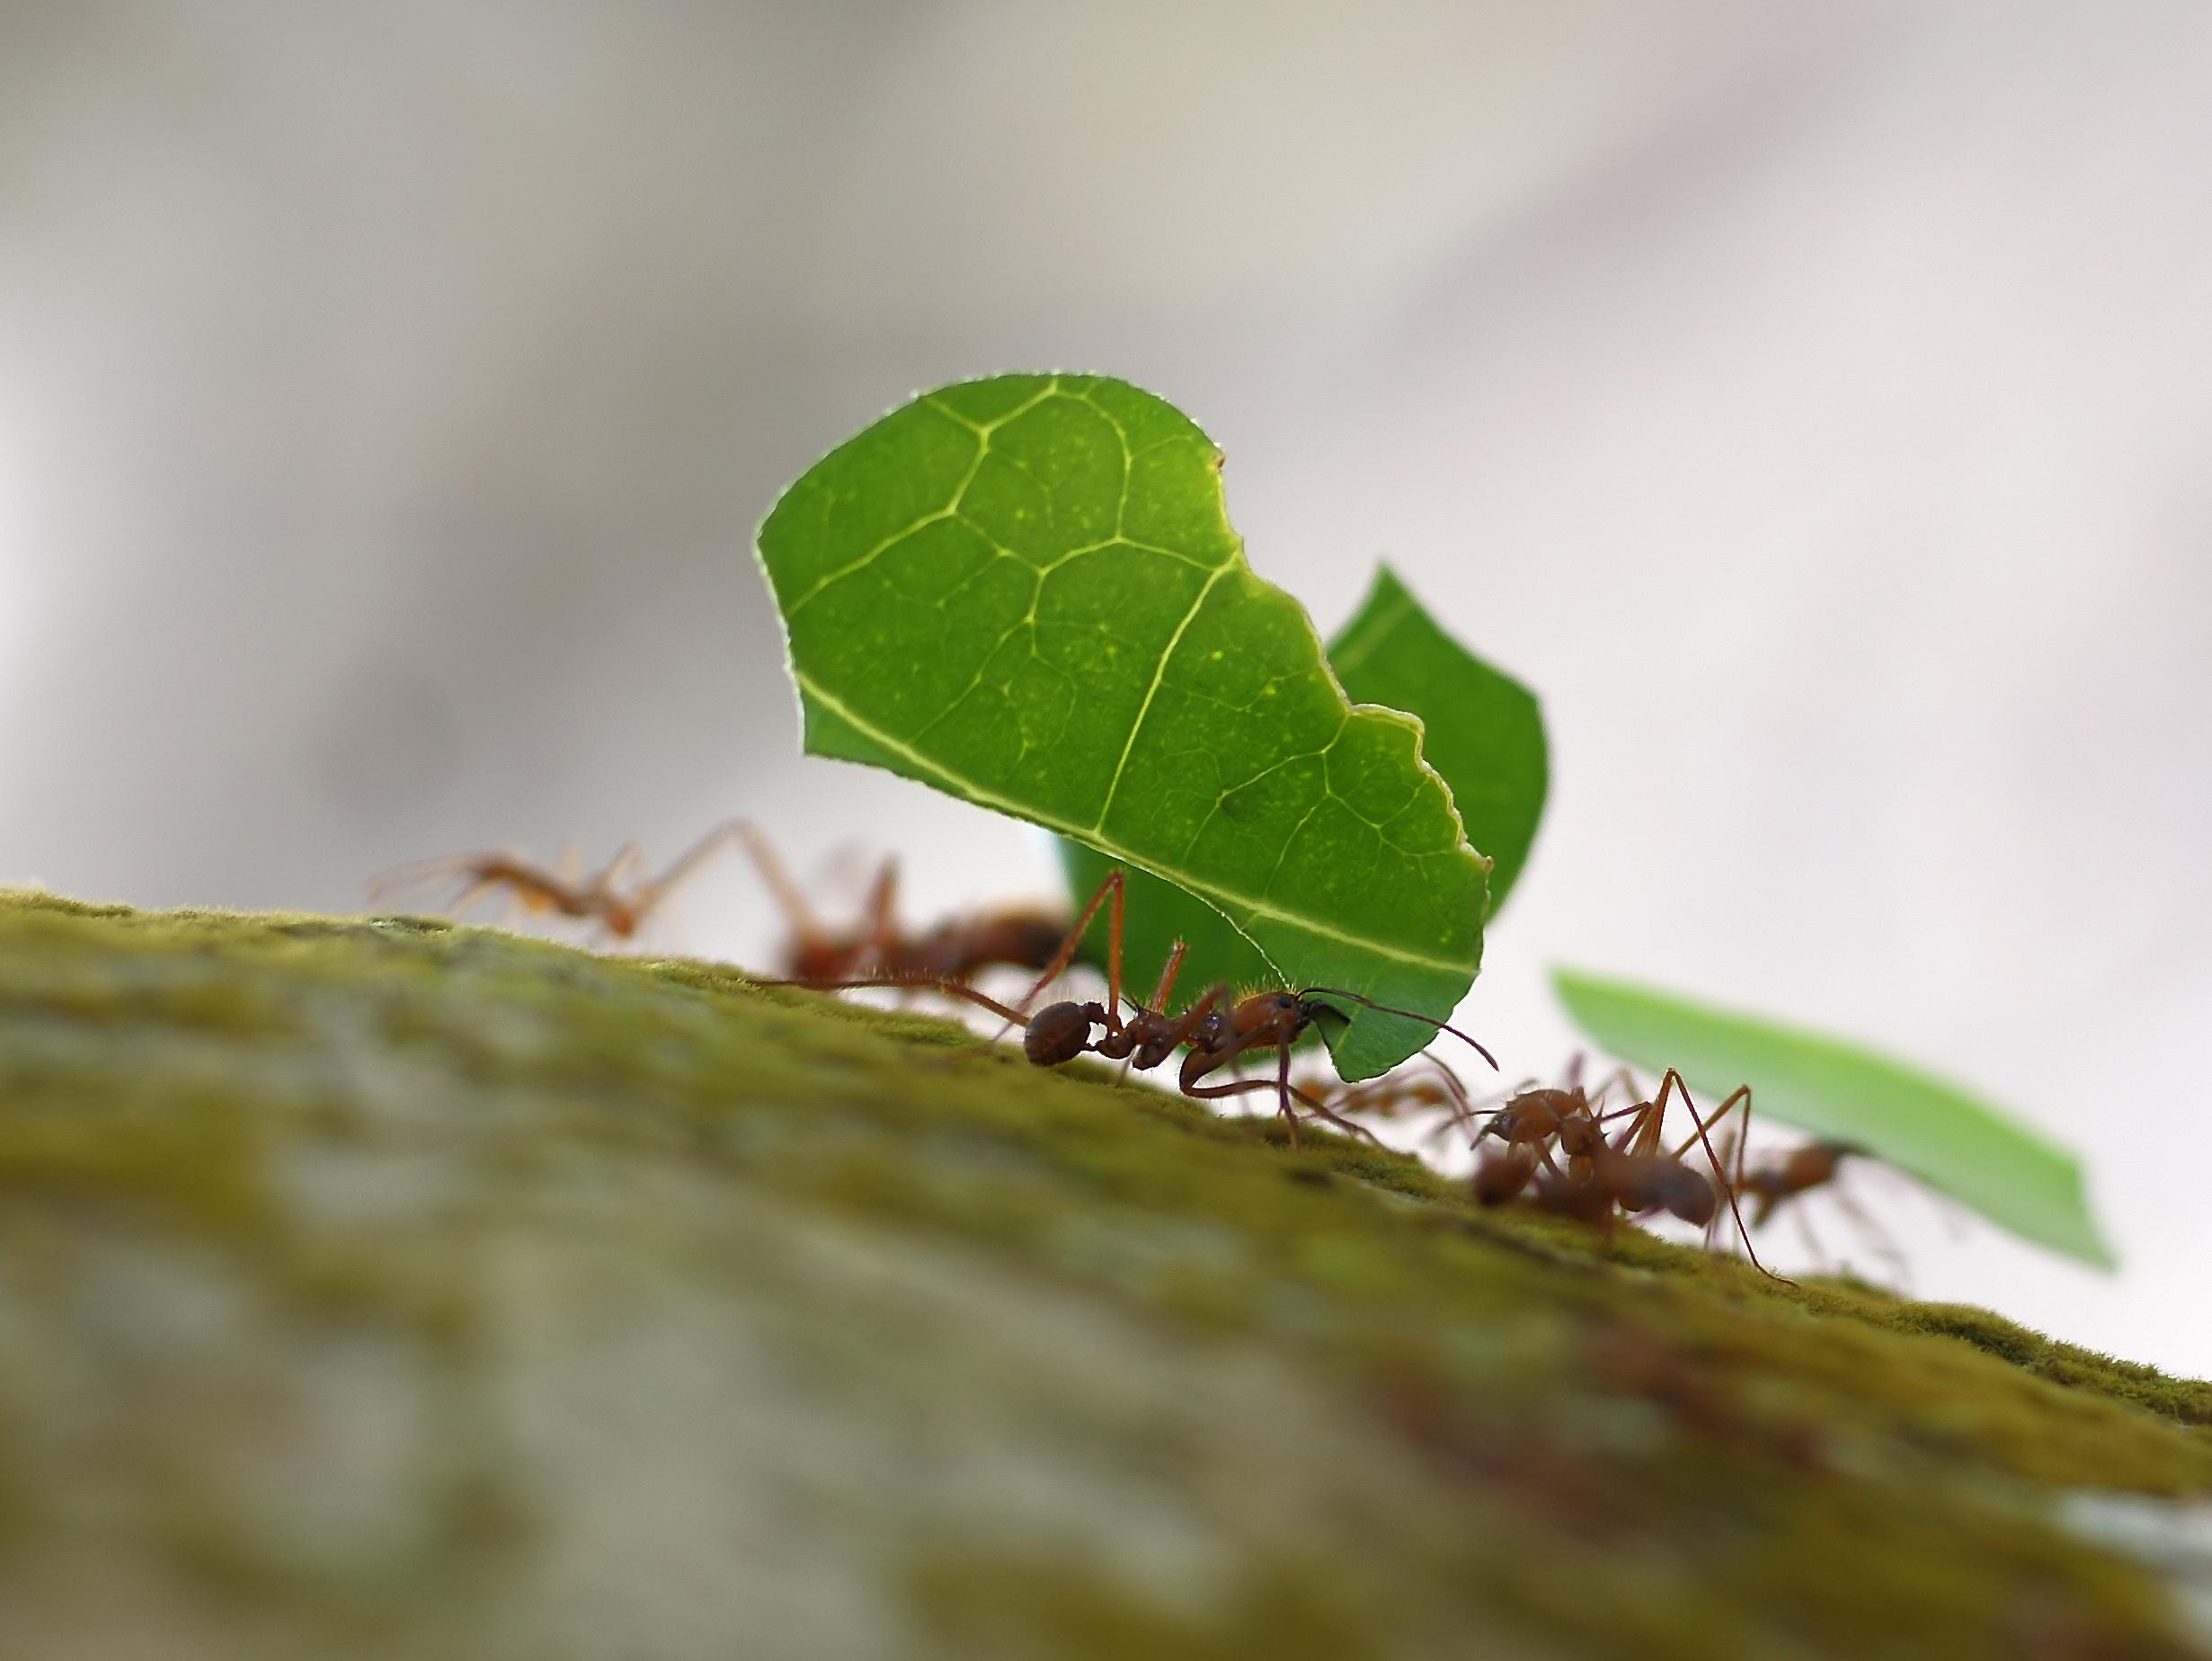 Archivo:Atta cephalotes (Costa Rica) 1.jpg